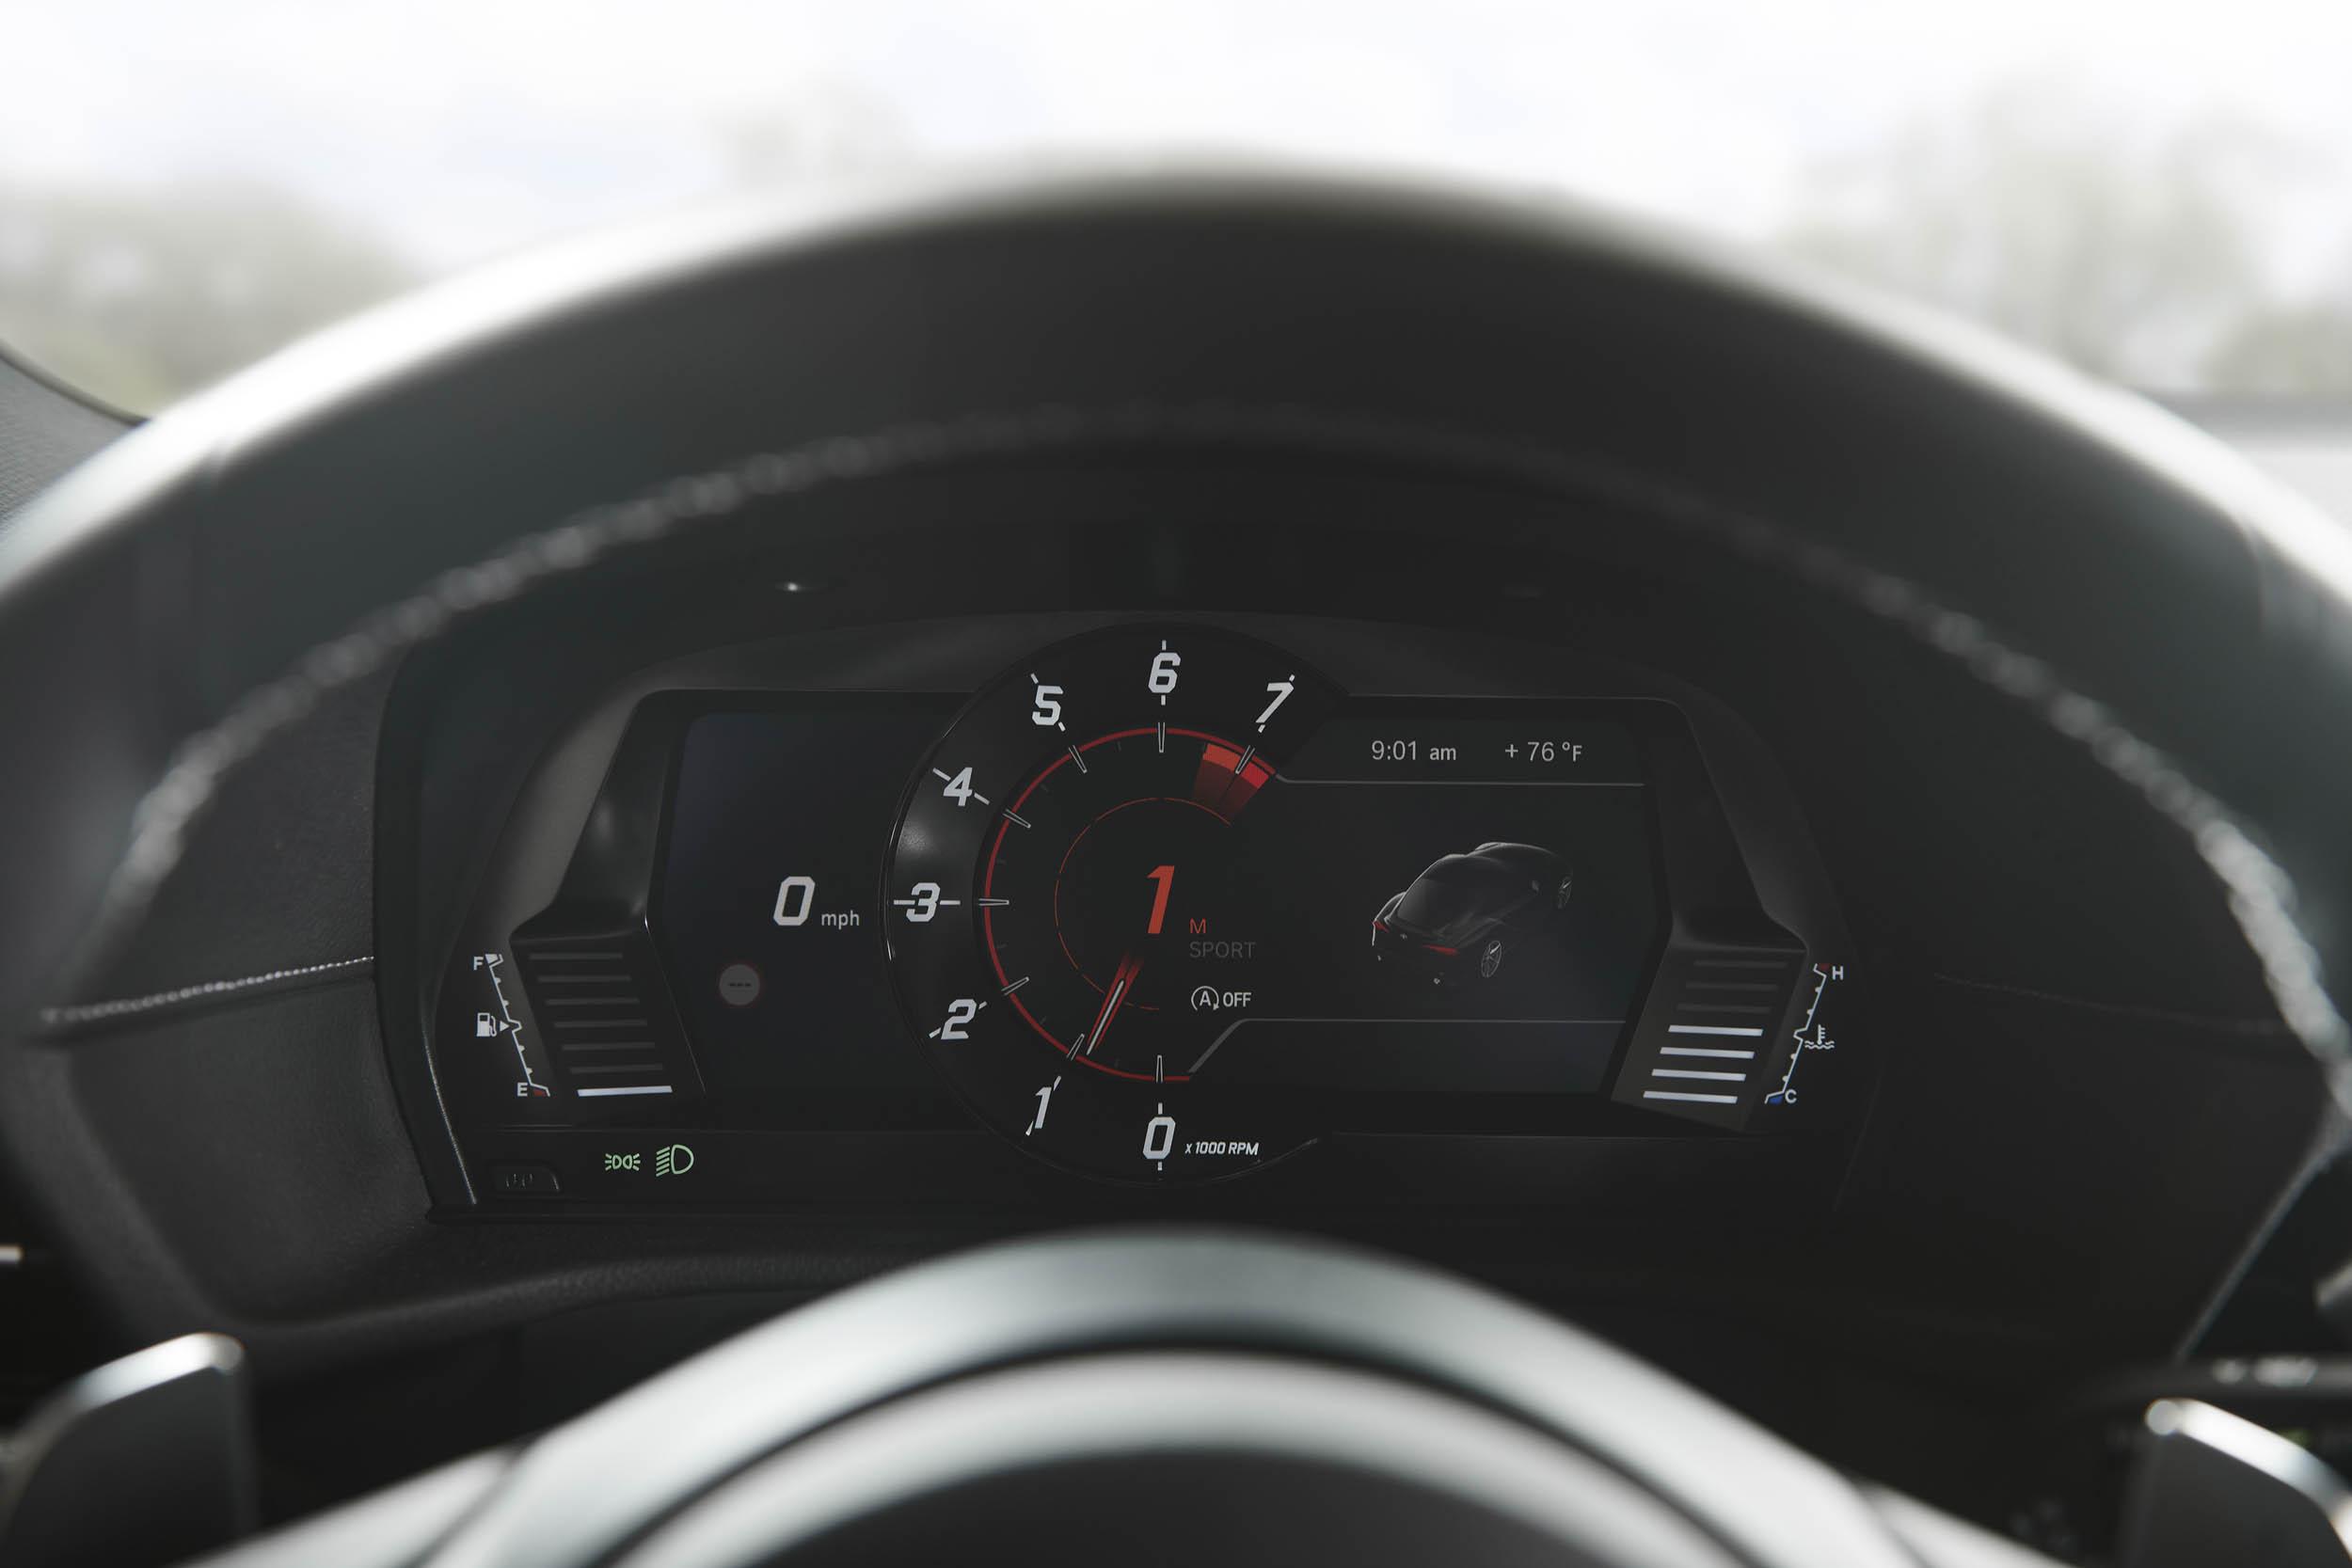 2020 Toyota Supra guages